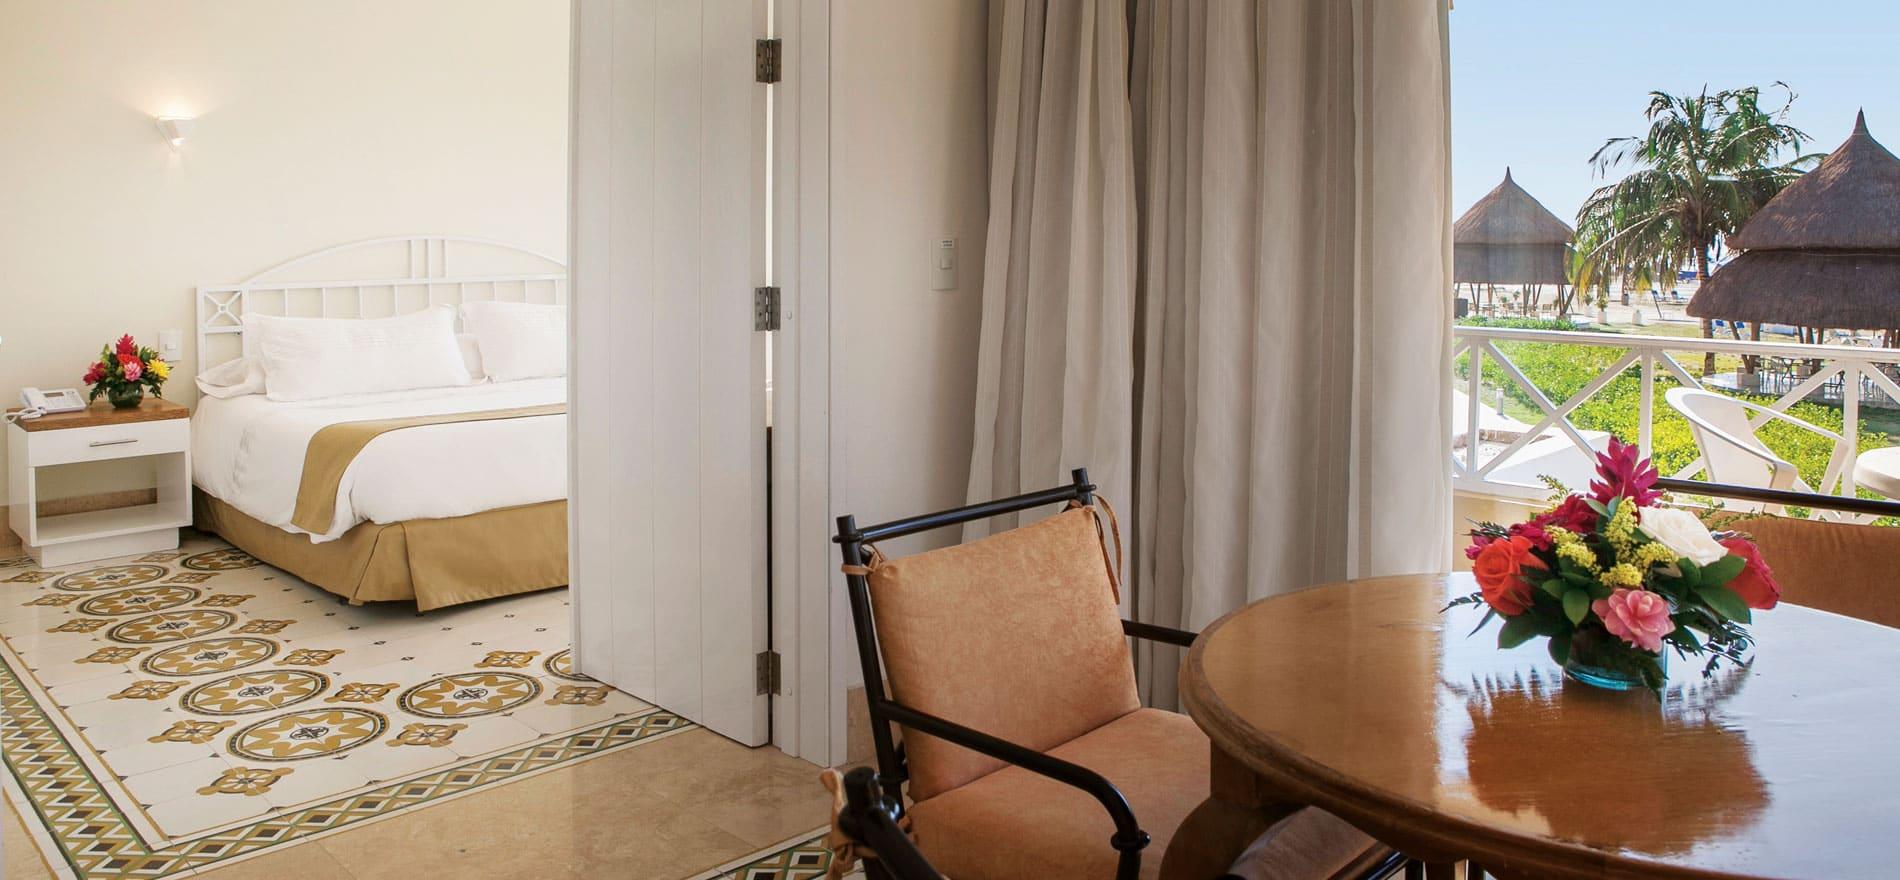 Habitaciones en cartagena Junior Suite en el hotel Casa de Playa